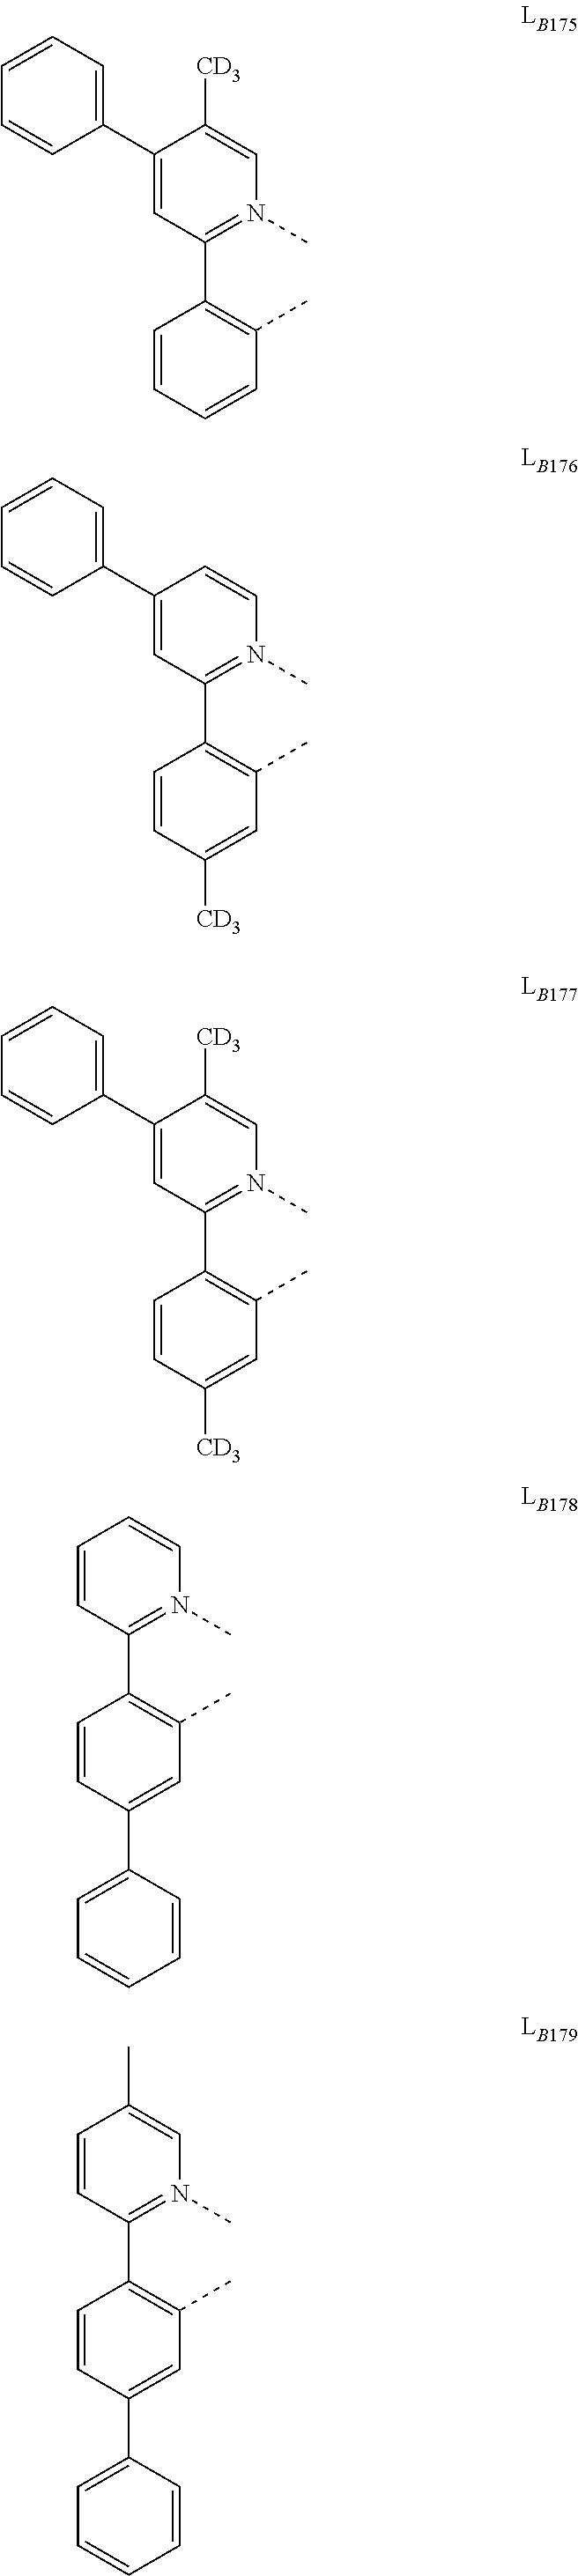 Figure US09929360-20180327-C00252